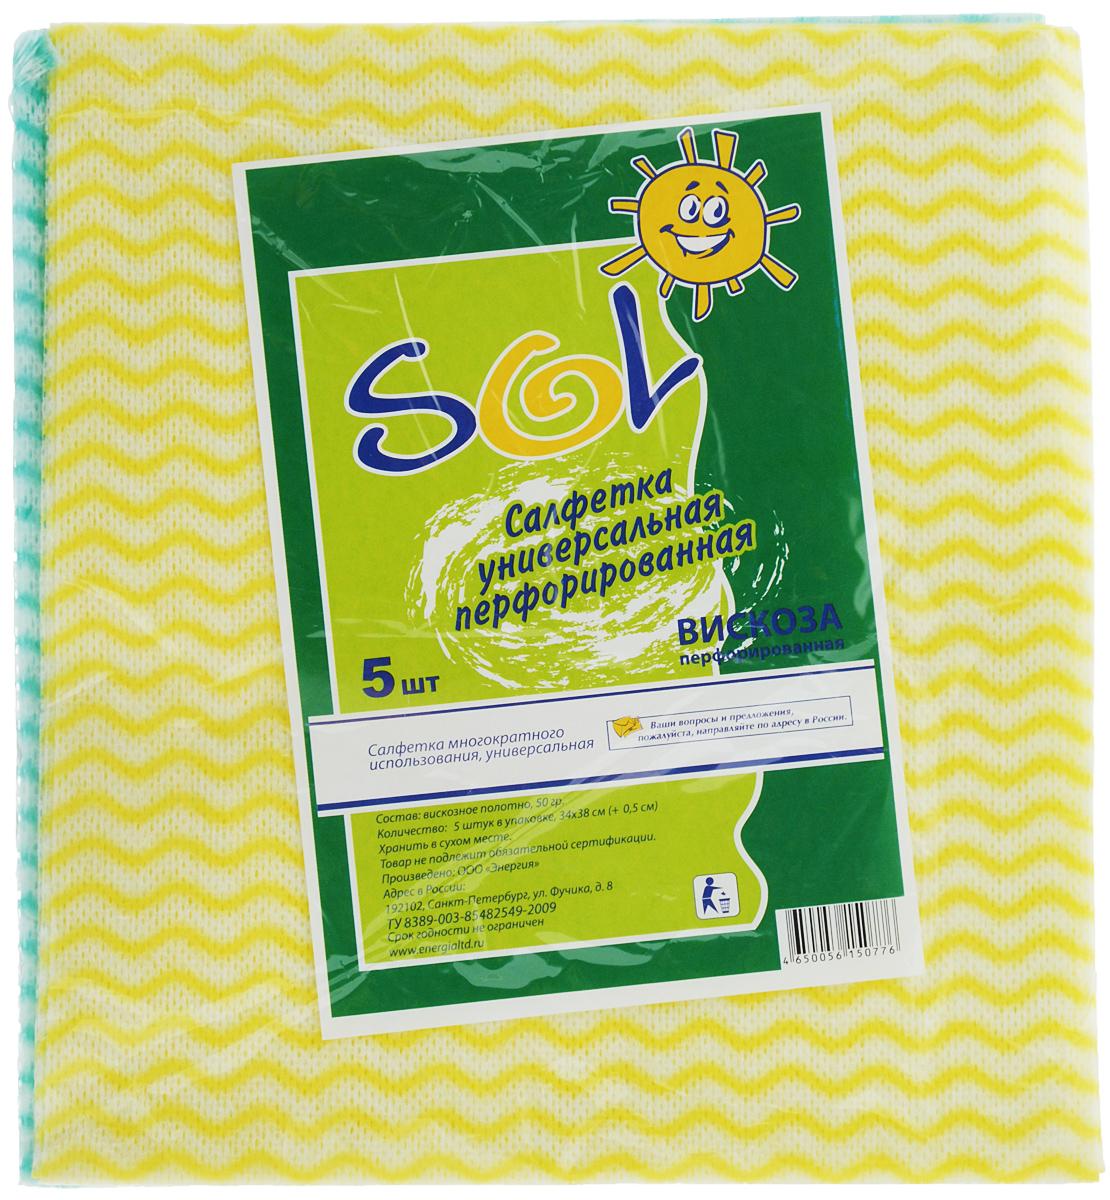 Салфетка для уборки Sol из вискозы, перфорированная, цвет: желтый, зеленый, 34 x 38 см, 5 шт10005/10053_желтый, зеленыйПерфорированные салфетки для уборки Sol, выполненные из вискозы,предназначены для уборки и могут применяться с различными моющимисредствами. Эффективно впитывают жидкость. Мягкие и прочные, легкоотжимаются и быстро сохнут.Рекомендации по уходу: Для обеспечения гигиеничности уборки после применения прополоскать в теплойводе.Для продления срока службы не применять машинную стирку, не гладить и некипятить.